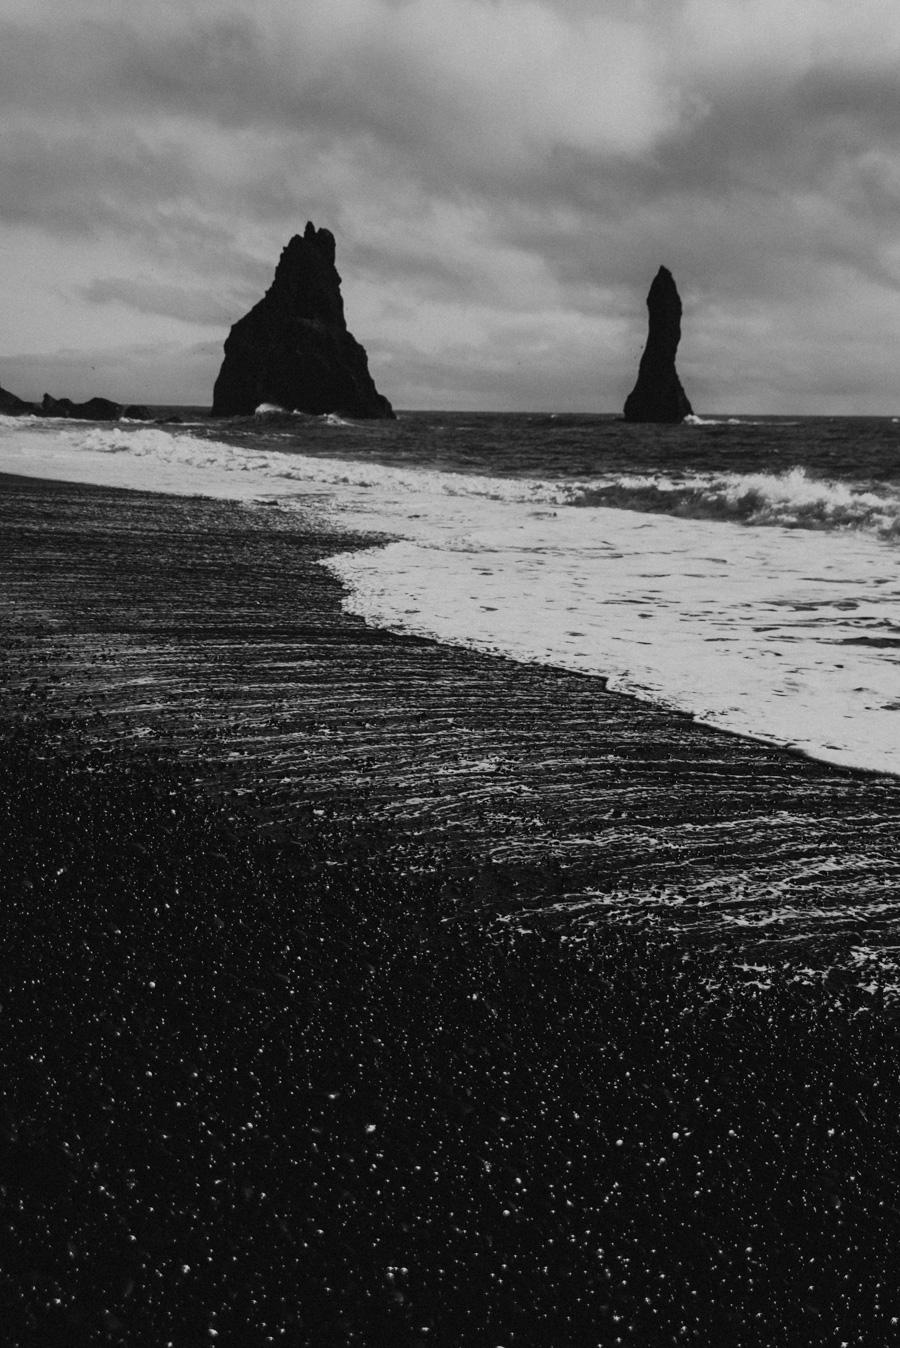 O tym, jak trafiliśmy na Islandię. Sesja J+K 5 alebosco islandia jk 07